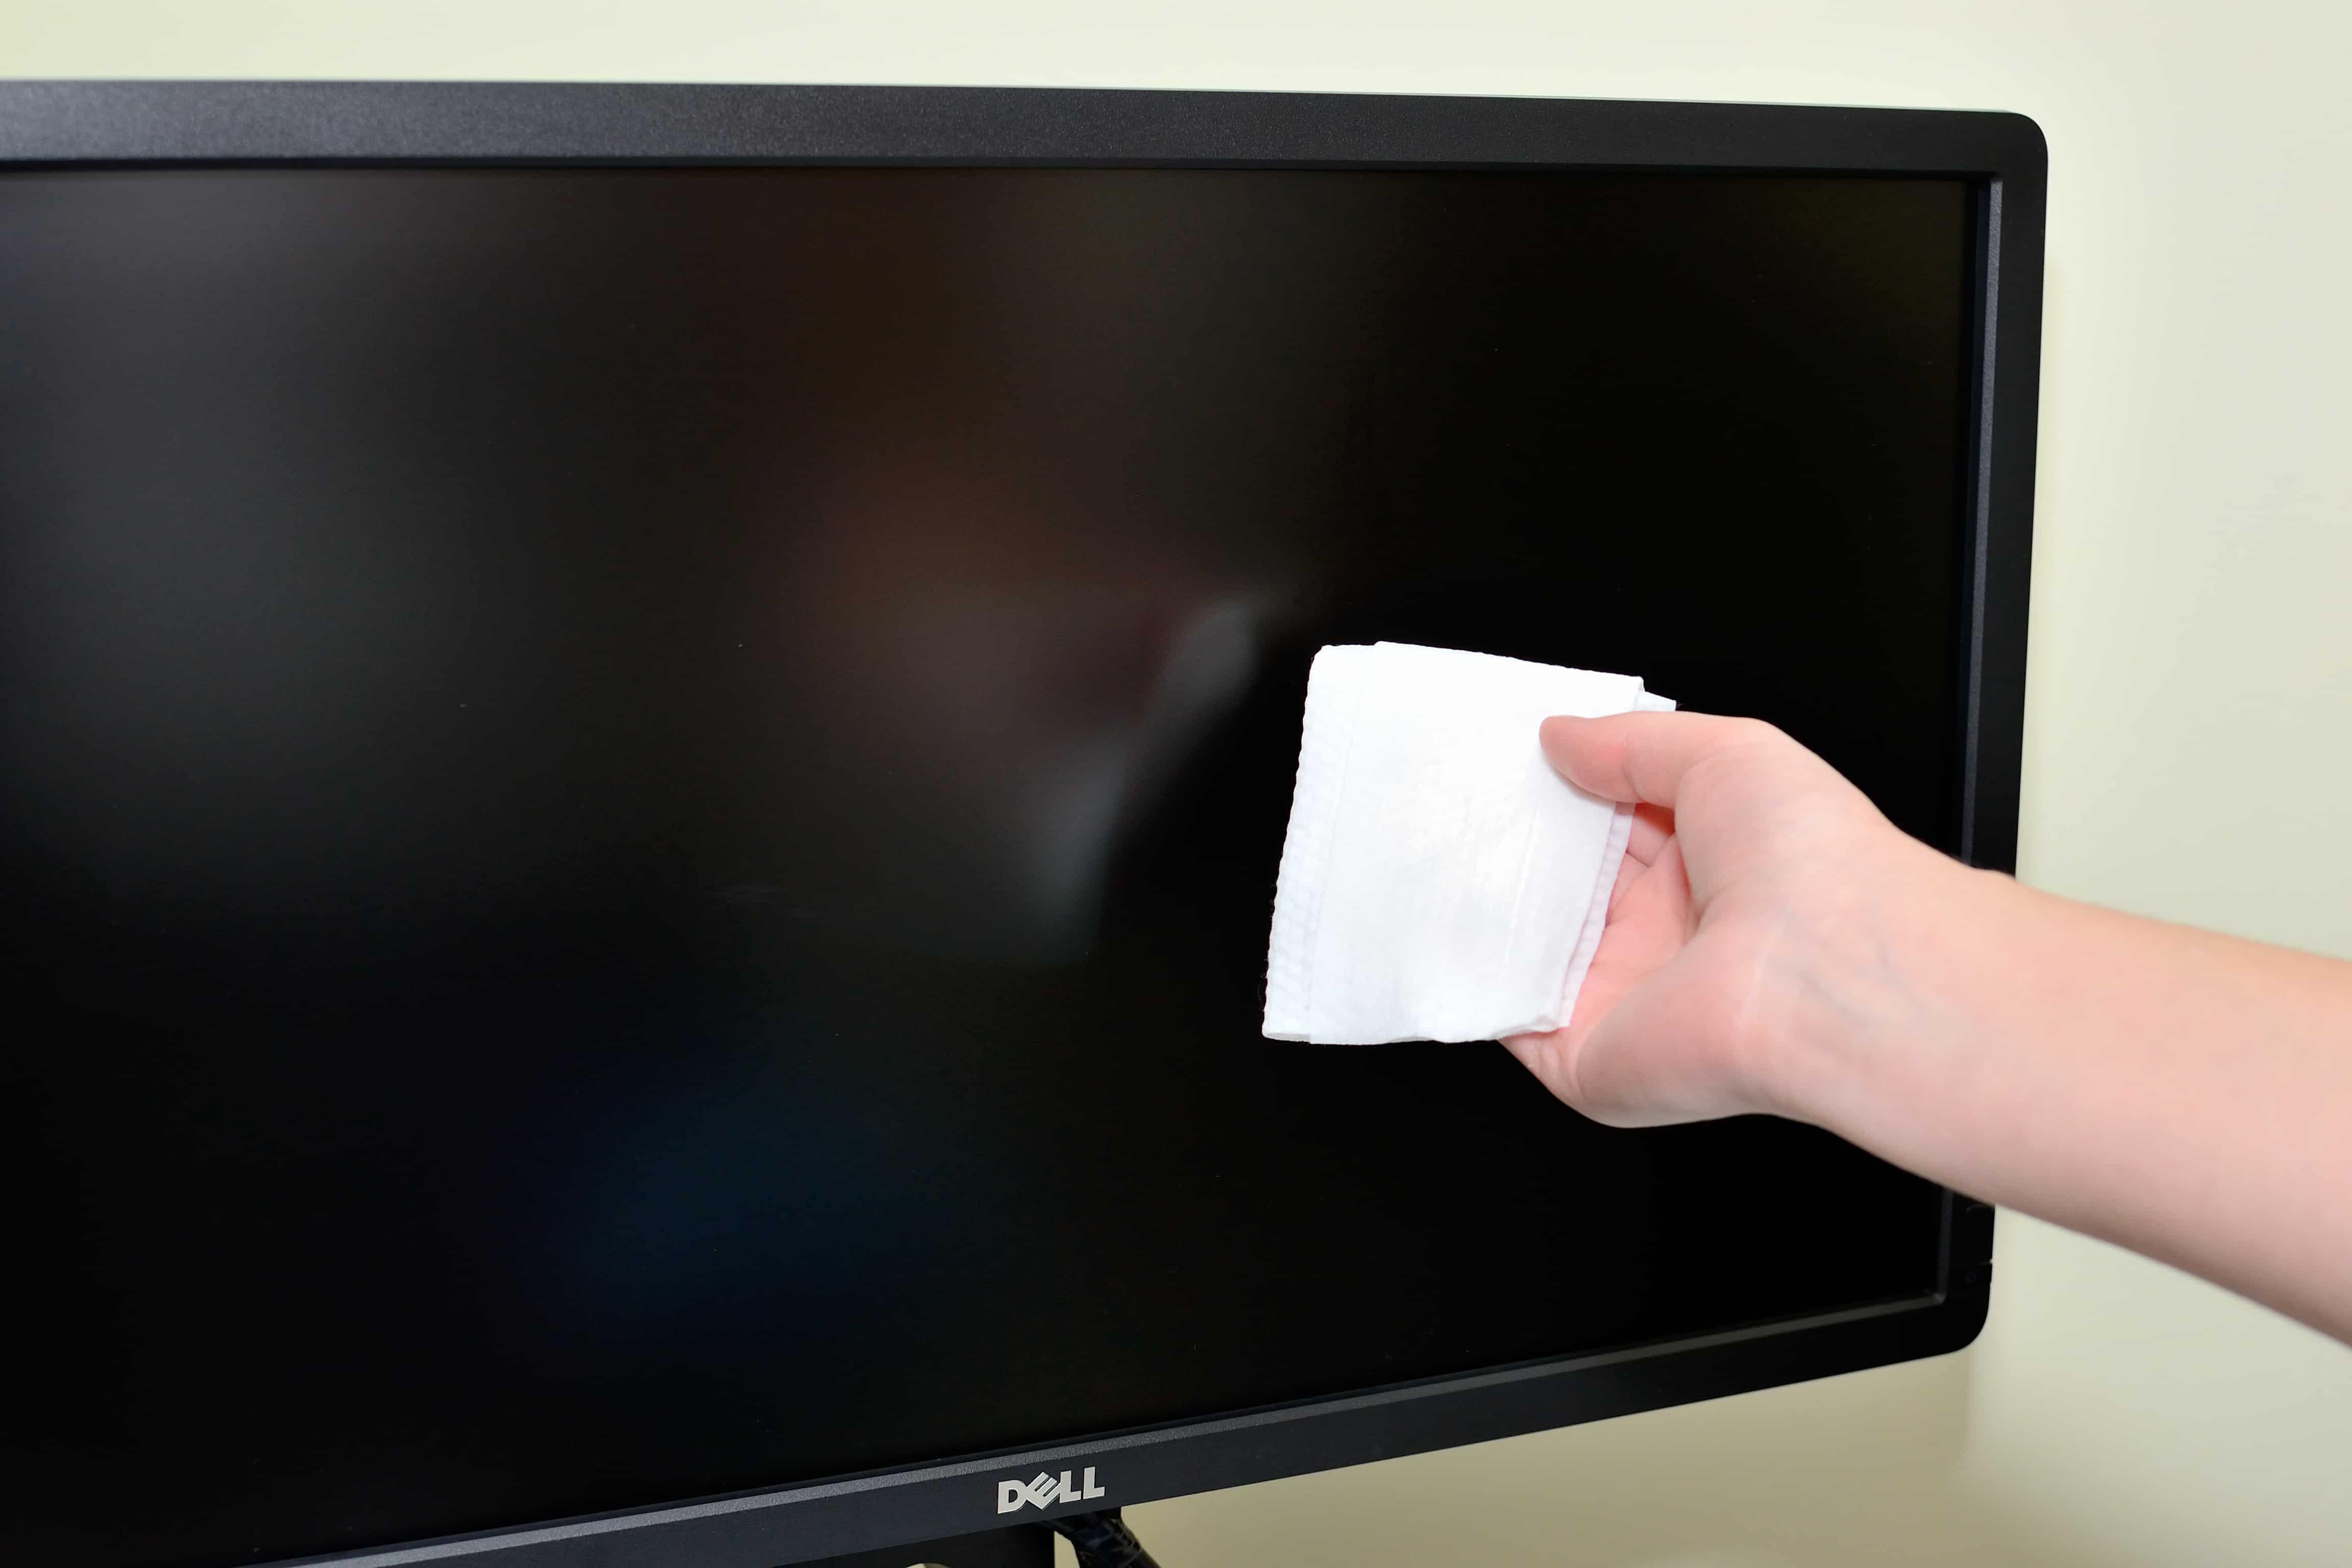 كيفية تنظيف شاشة الكمبيوتر المحمول مع المنتجات المنزلية